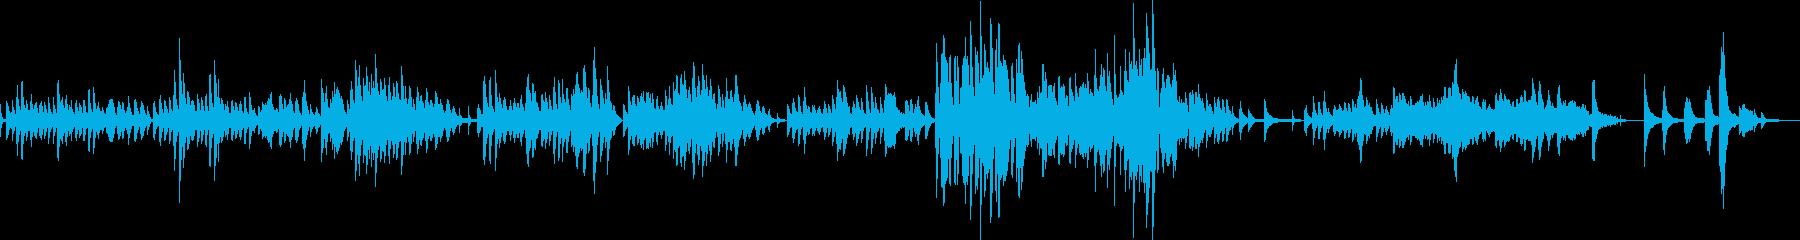 ショパン ノクターン Op55-No1の再生済みの波形